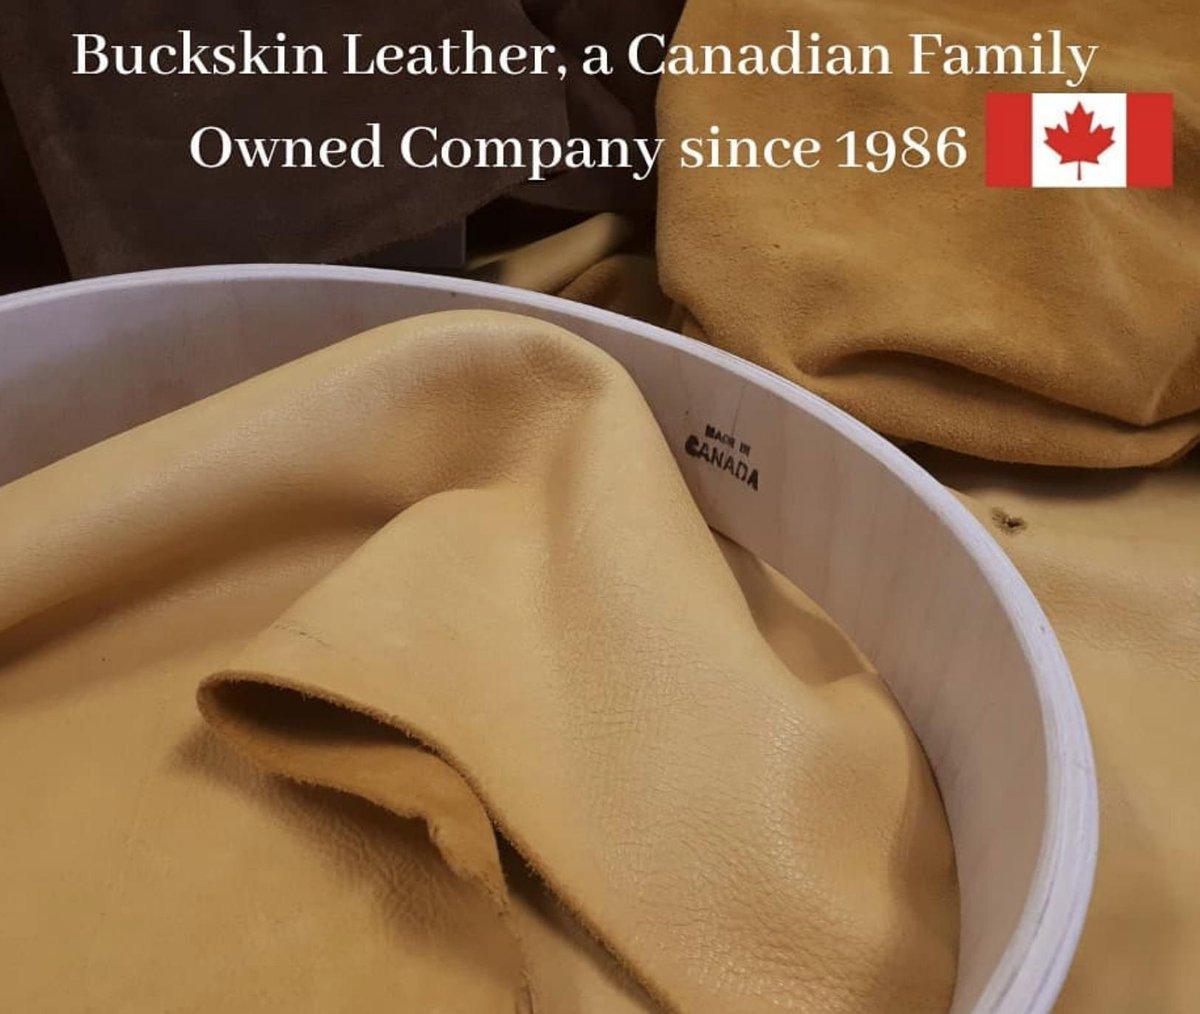 f1bddbb31edfe Buckskin Leather Co. (@buckskinleather)   Twitter